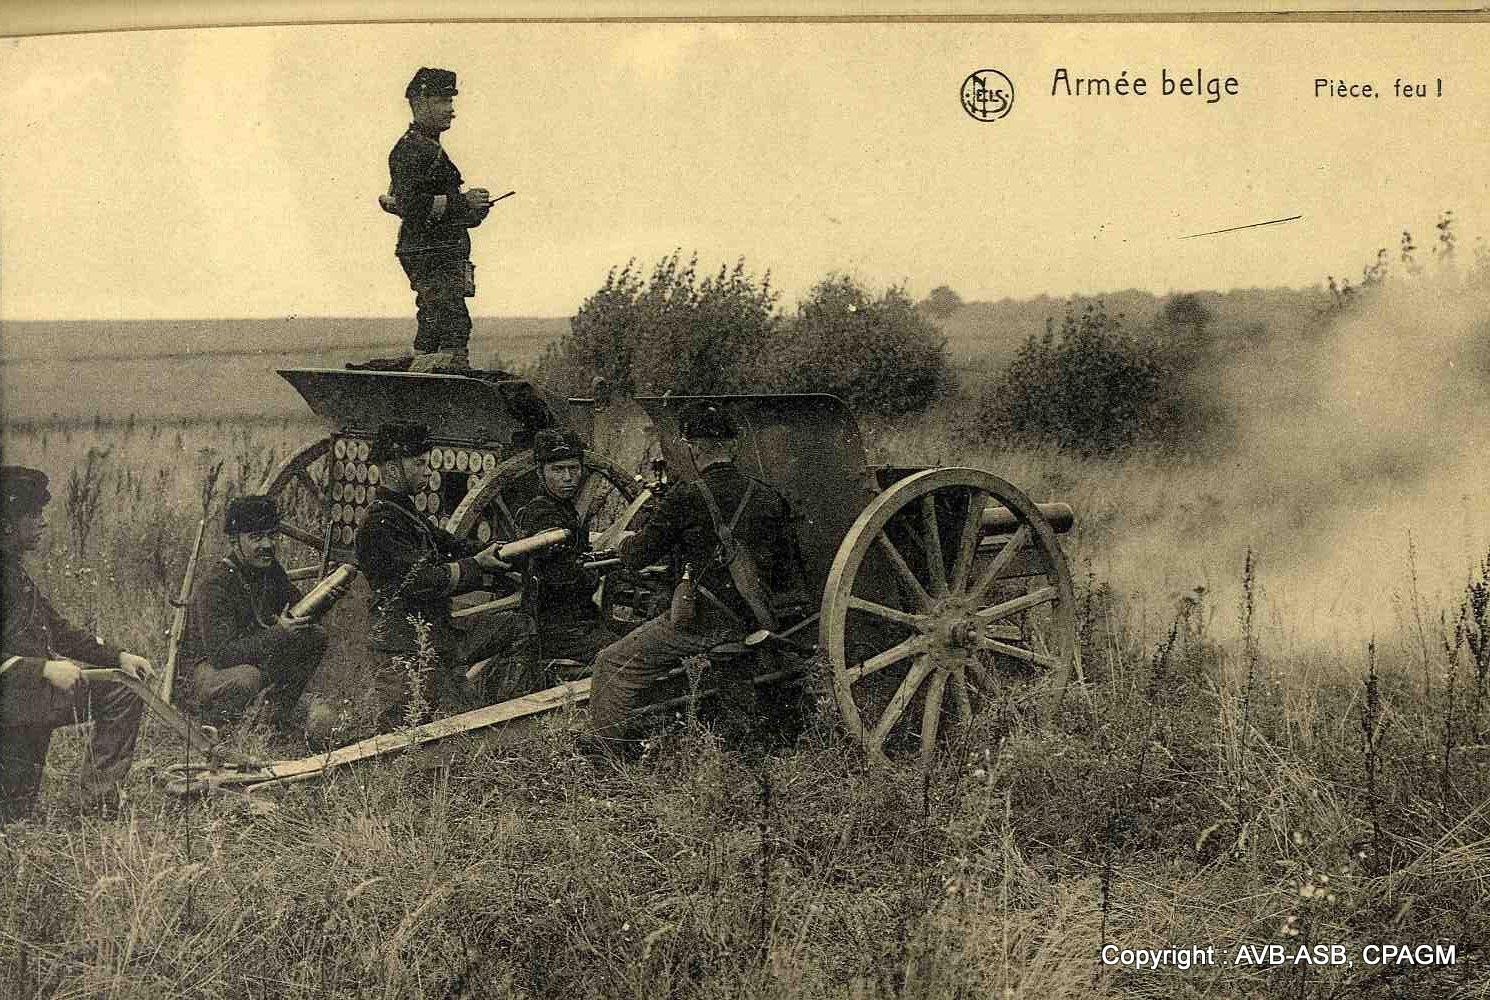 CP-Armee-belge-009.jpg